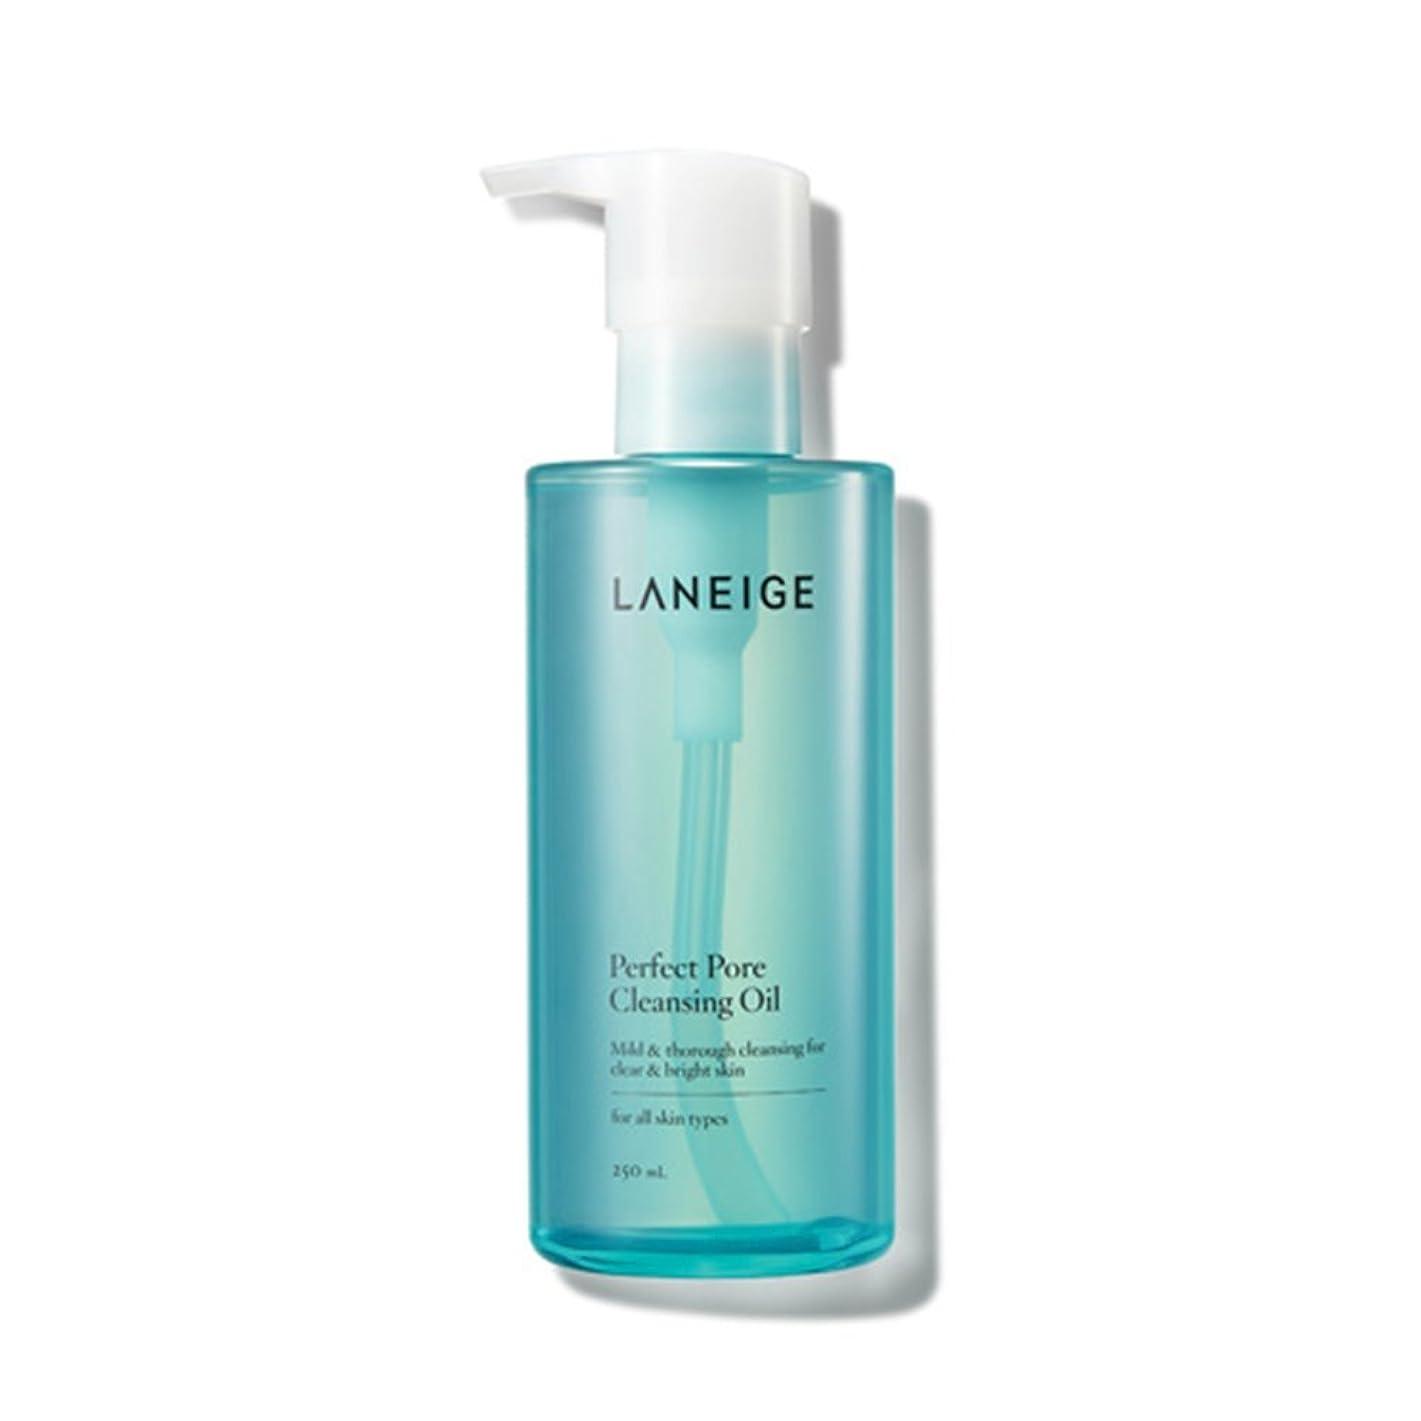 道路不屈箱[ラネージュ/ LANEIGE] ラネージュ パーフェクトポア クレンジングオイル 250ml/ Perfect Pore Cleansing Oil +[Sample Gift](海外直送品)